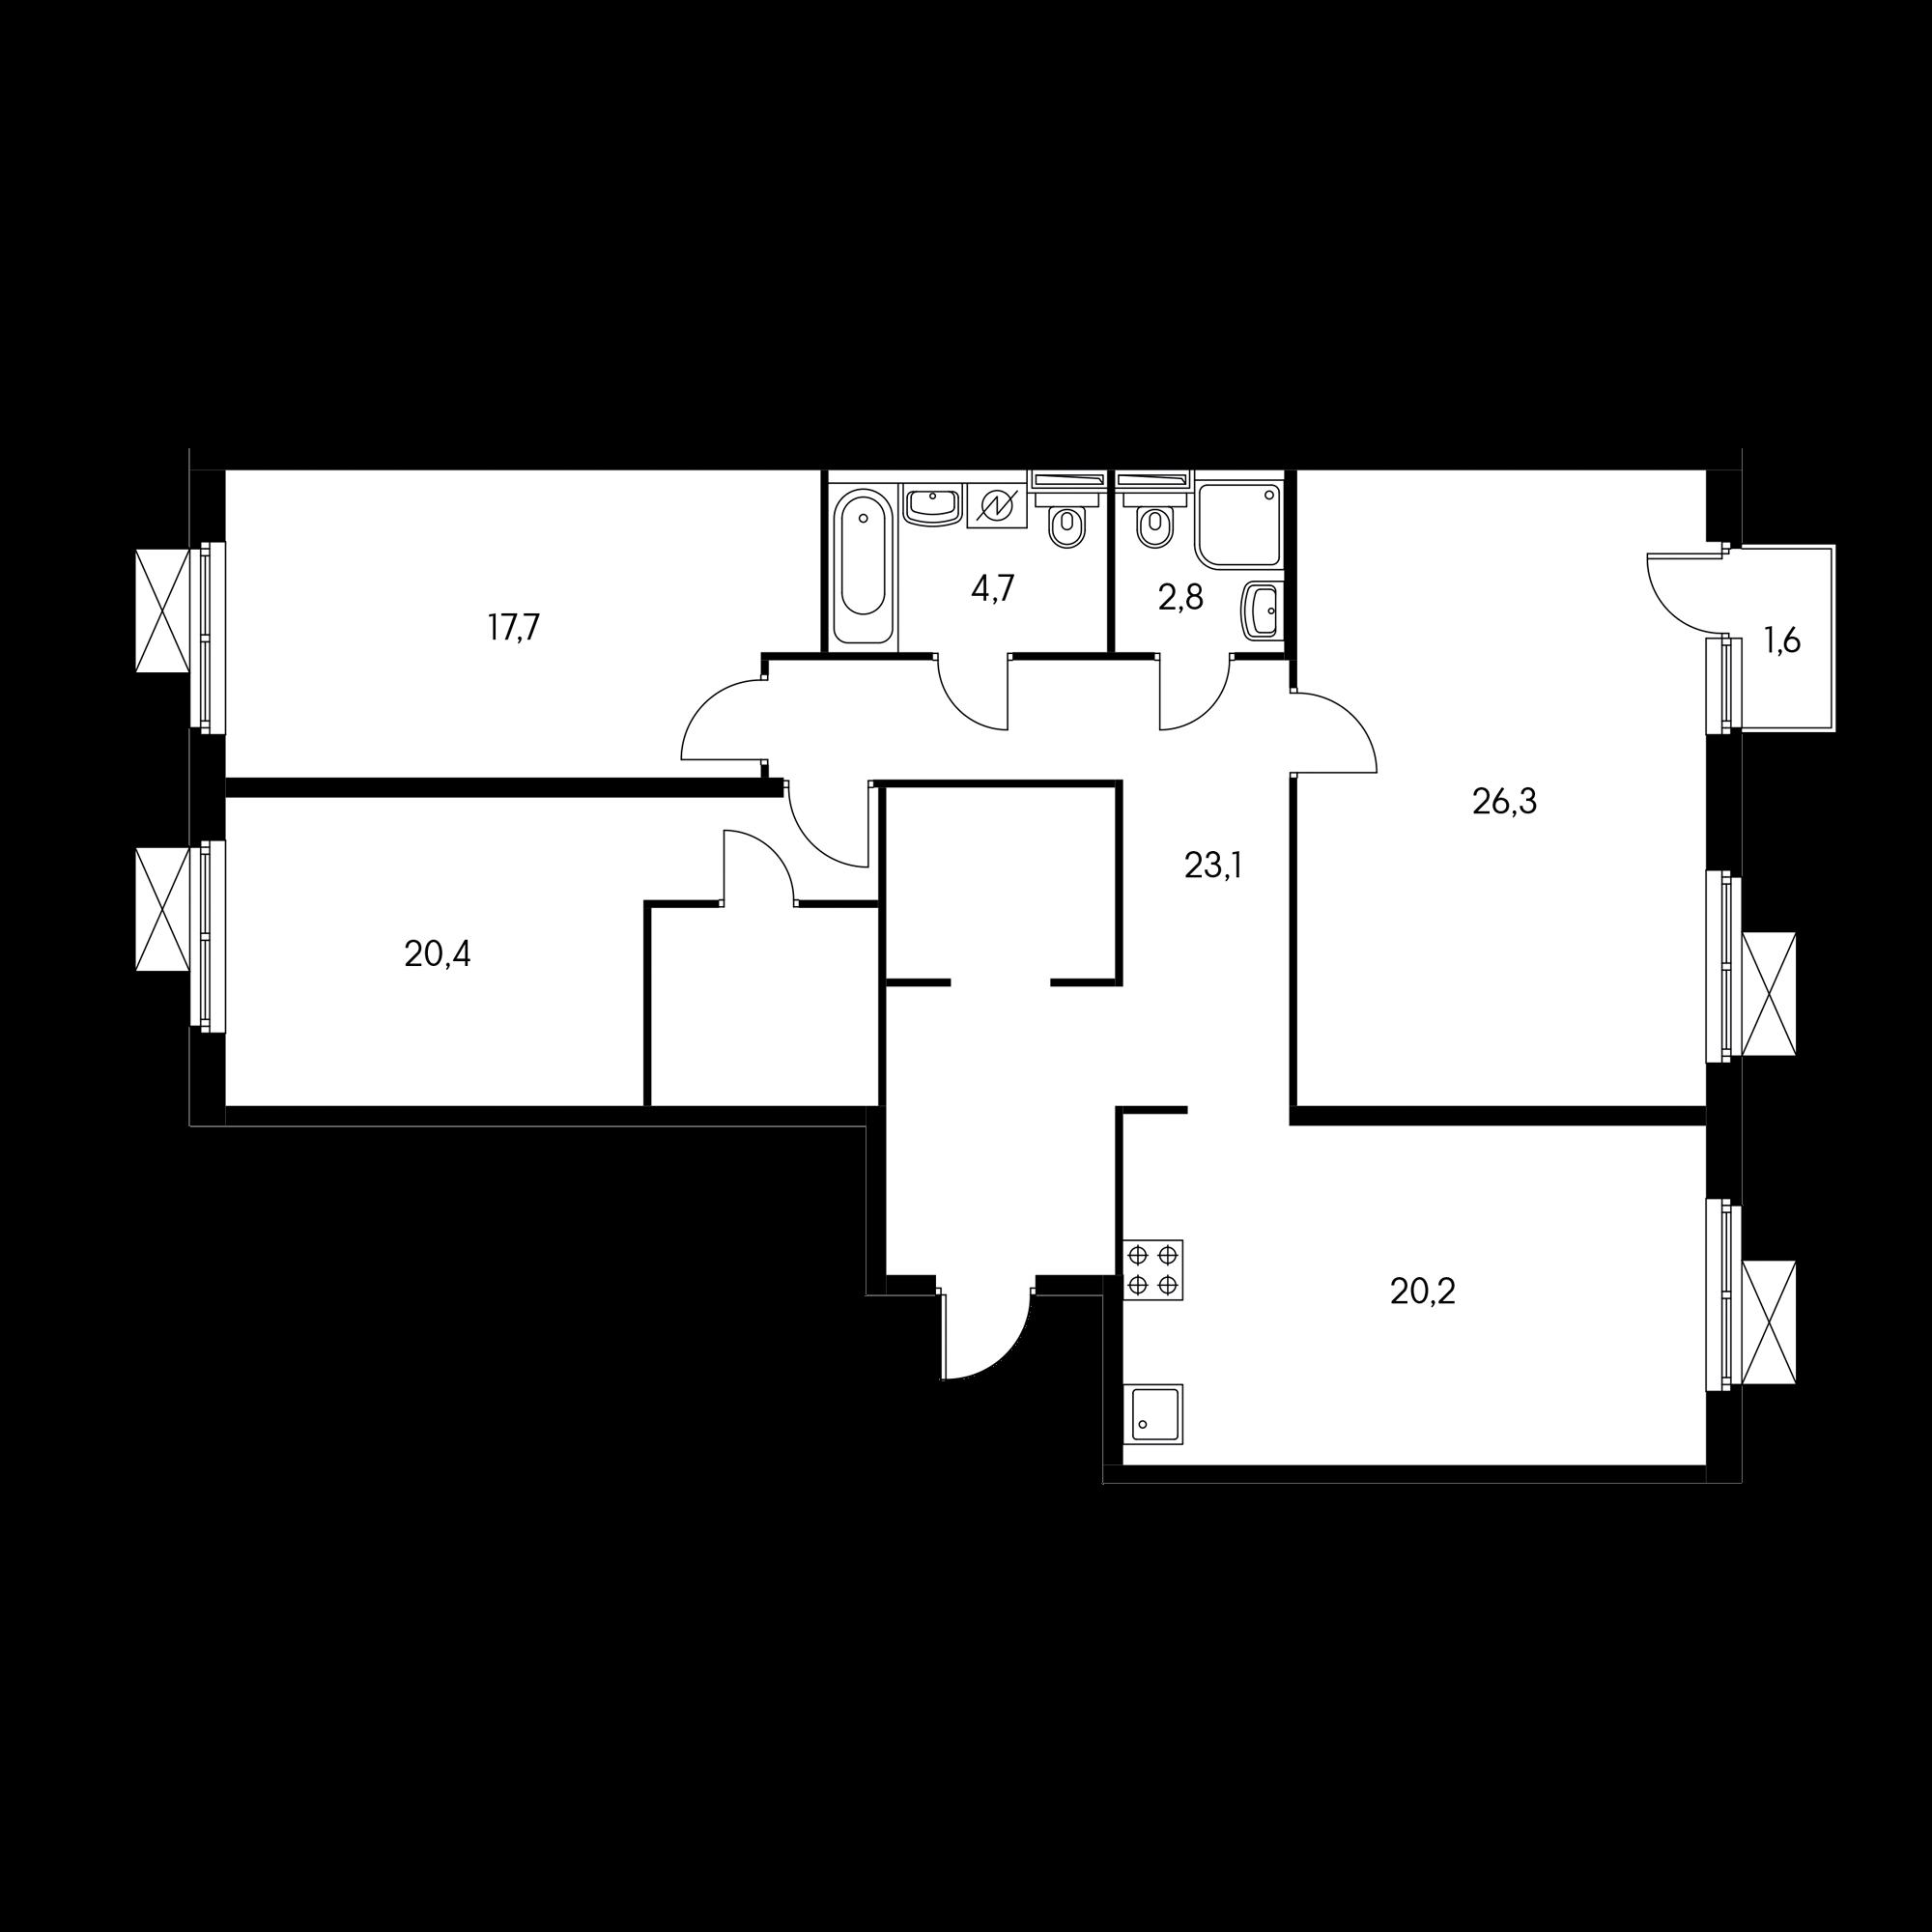 3EL4_9.9_Б.3*